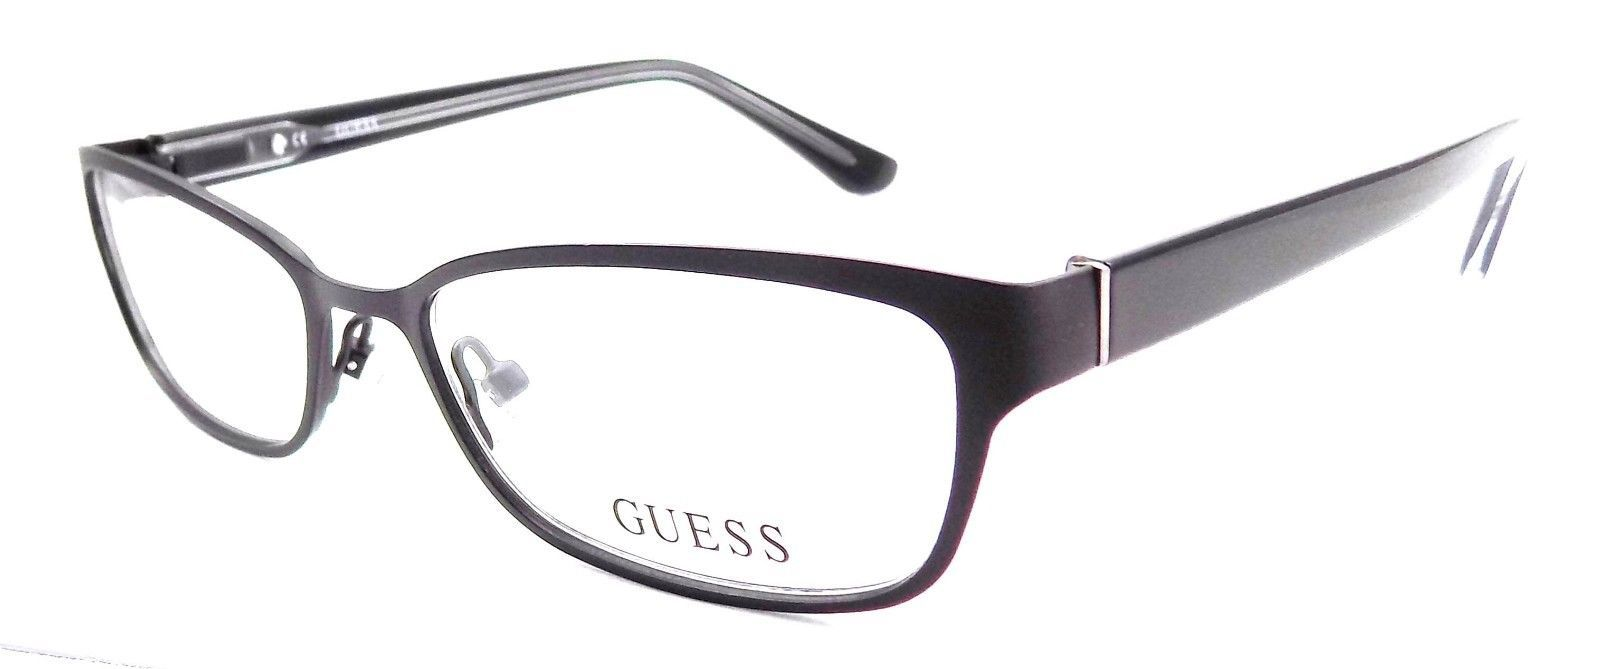 Guess Sunglasses: 57 listings